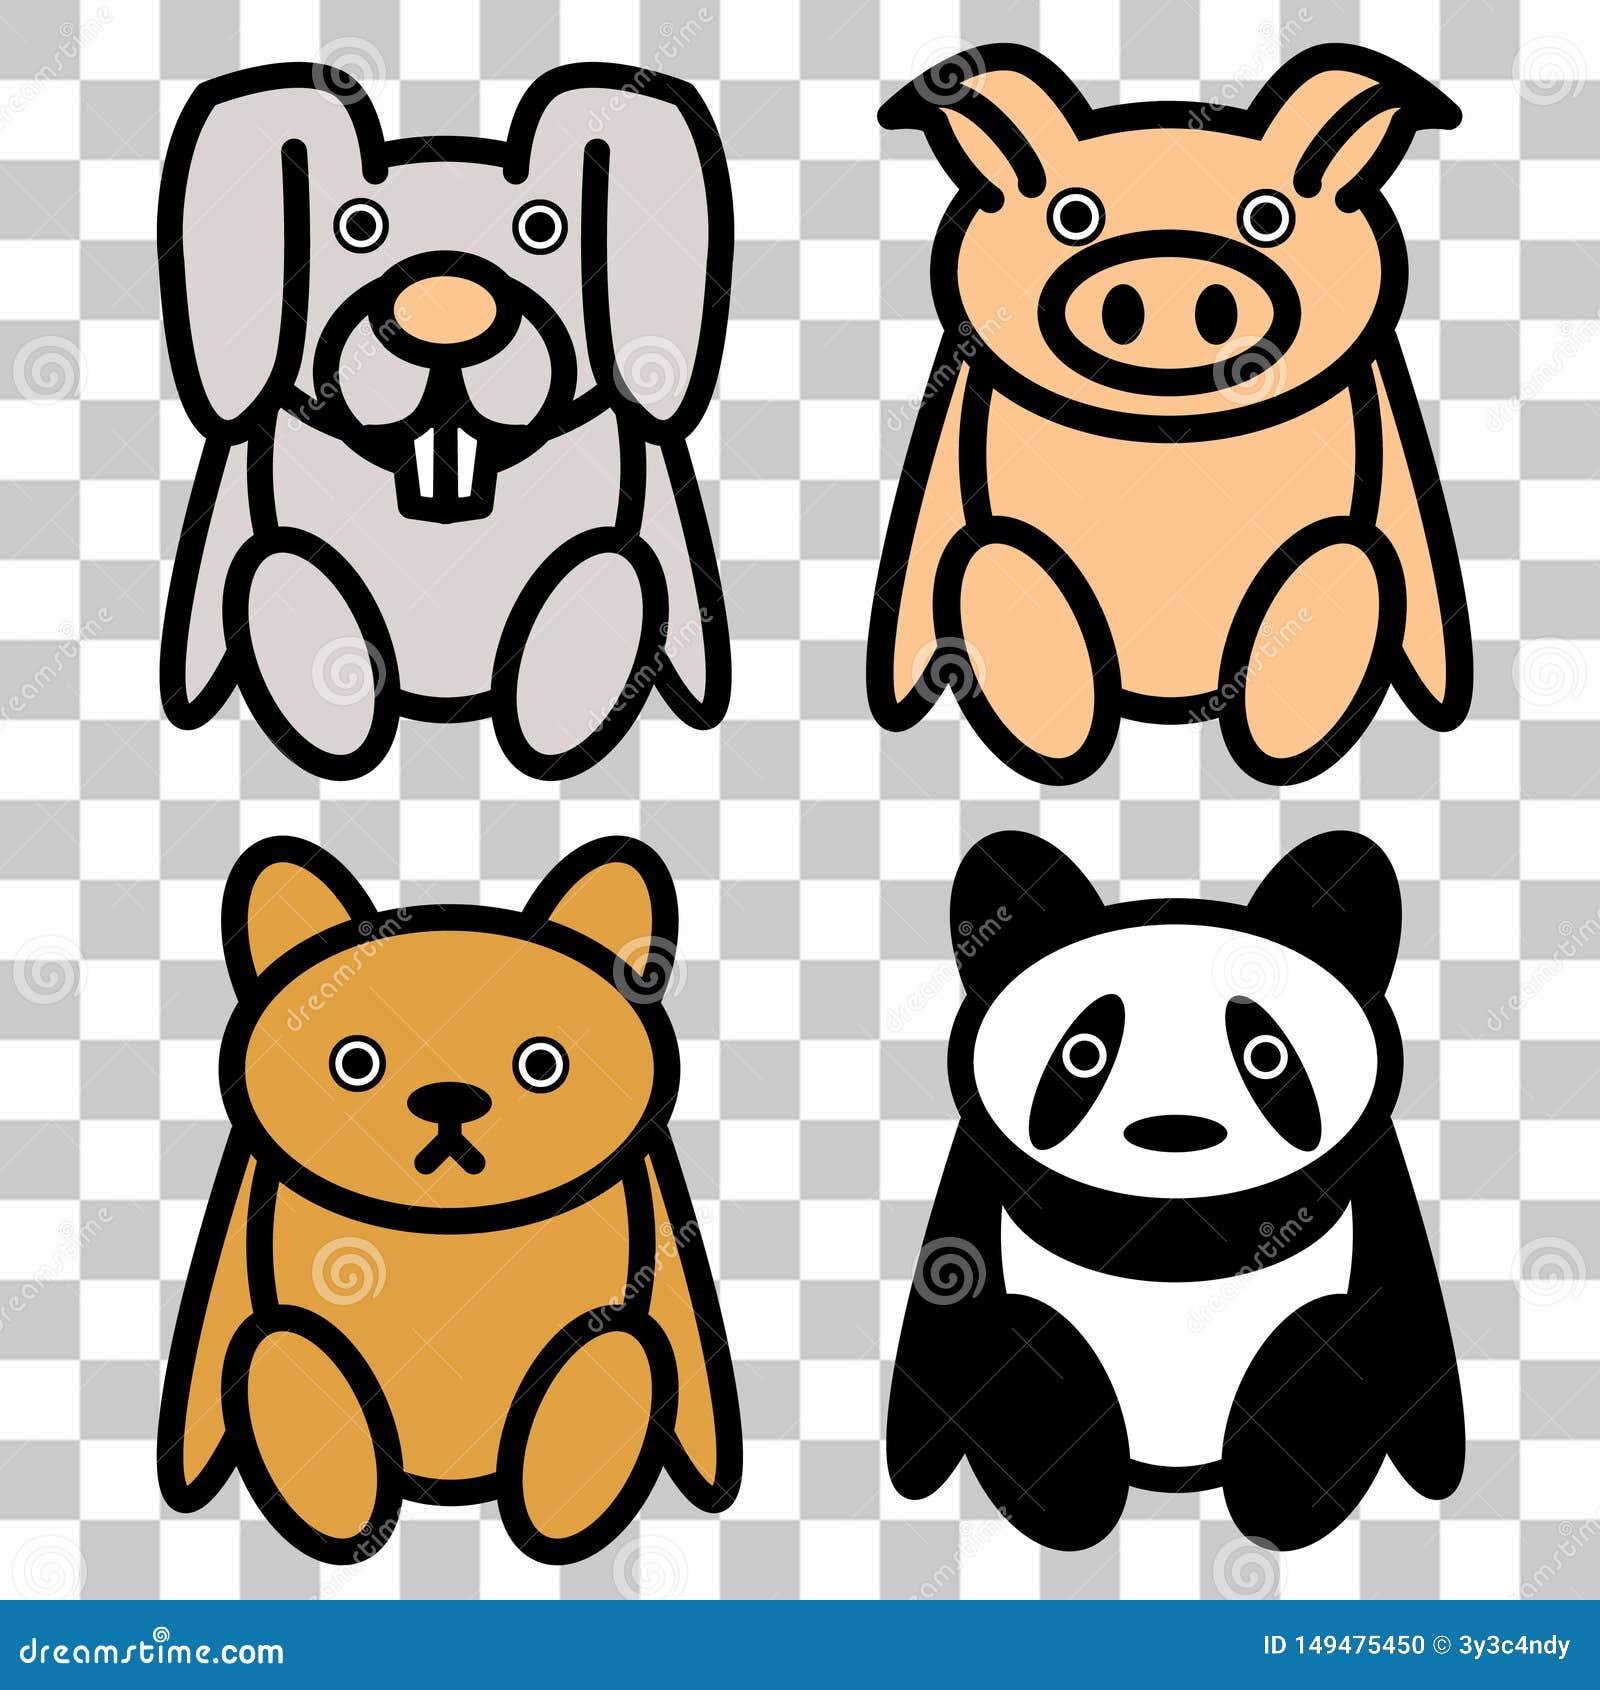 Gullig kelig leksaker 4x: Piggy kanin, bj?rn